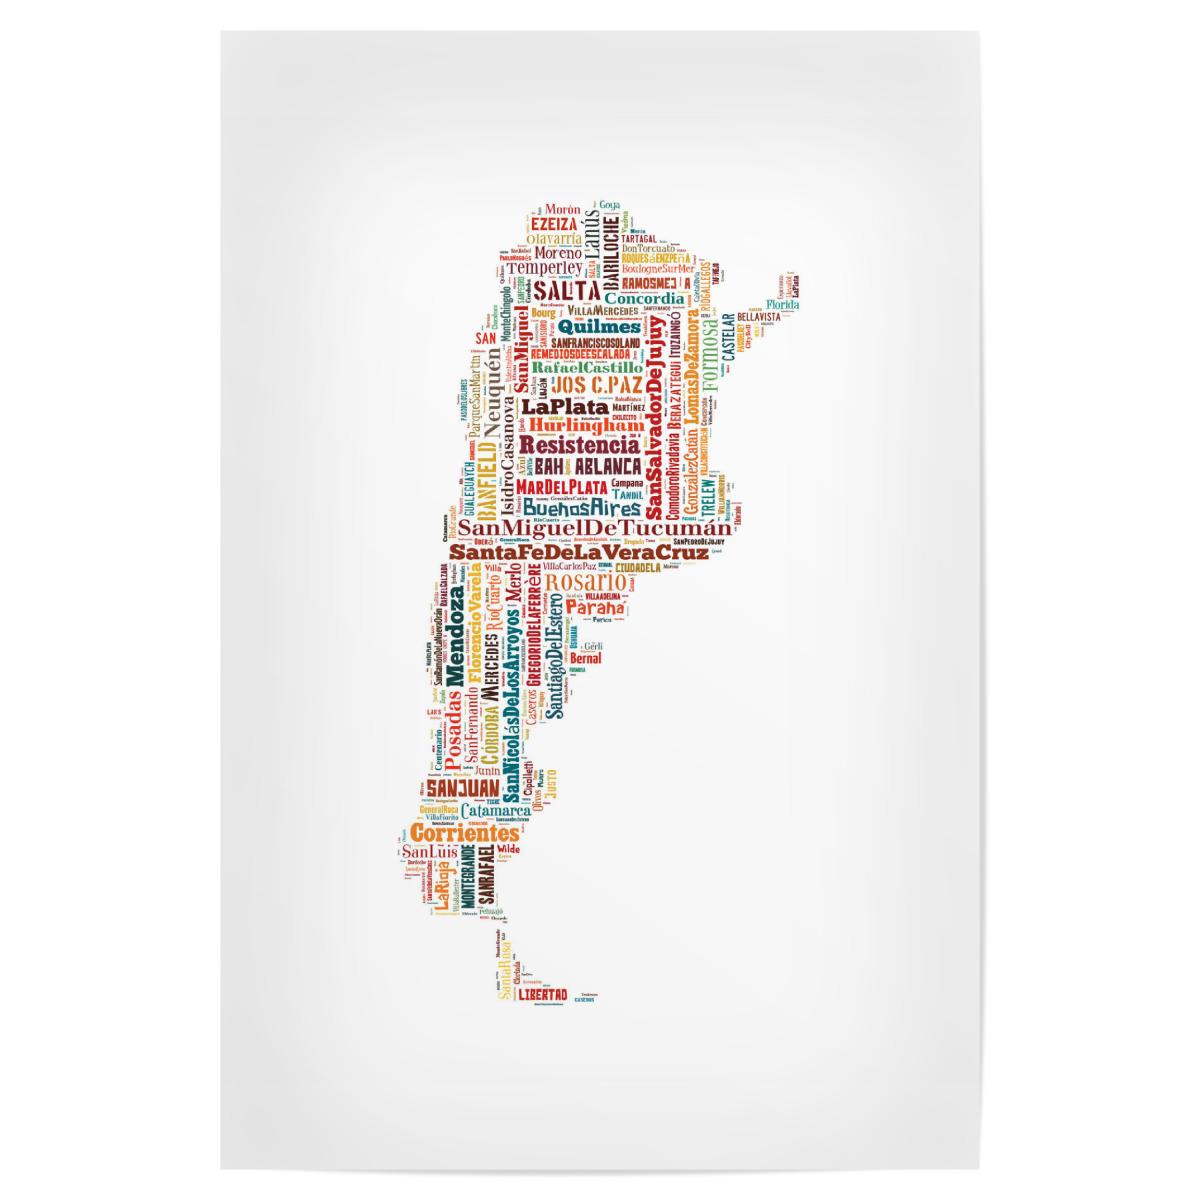 Argentina Map als Poster bei artboxONE kaufen